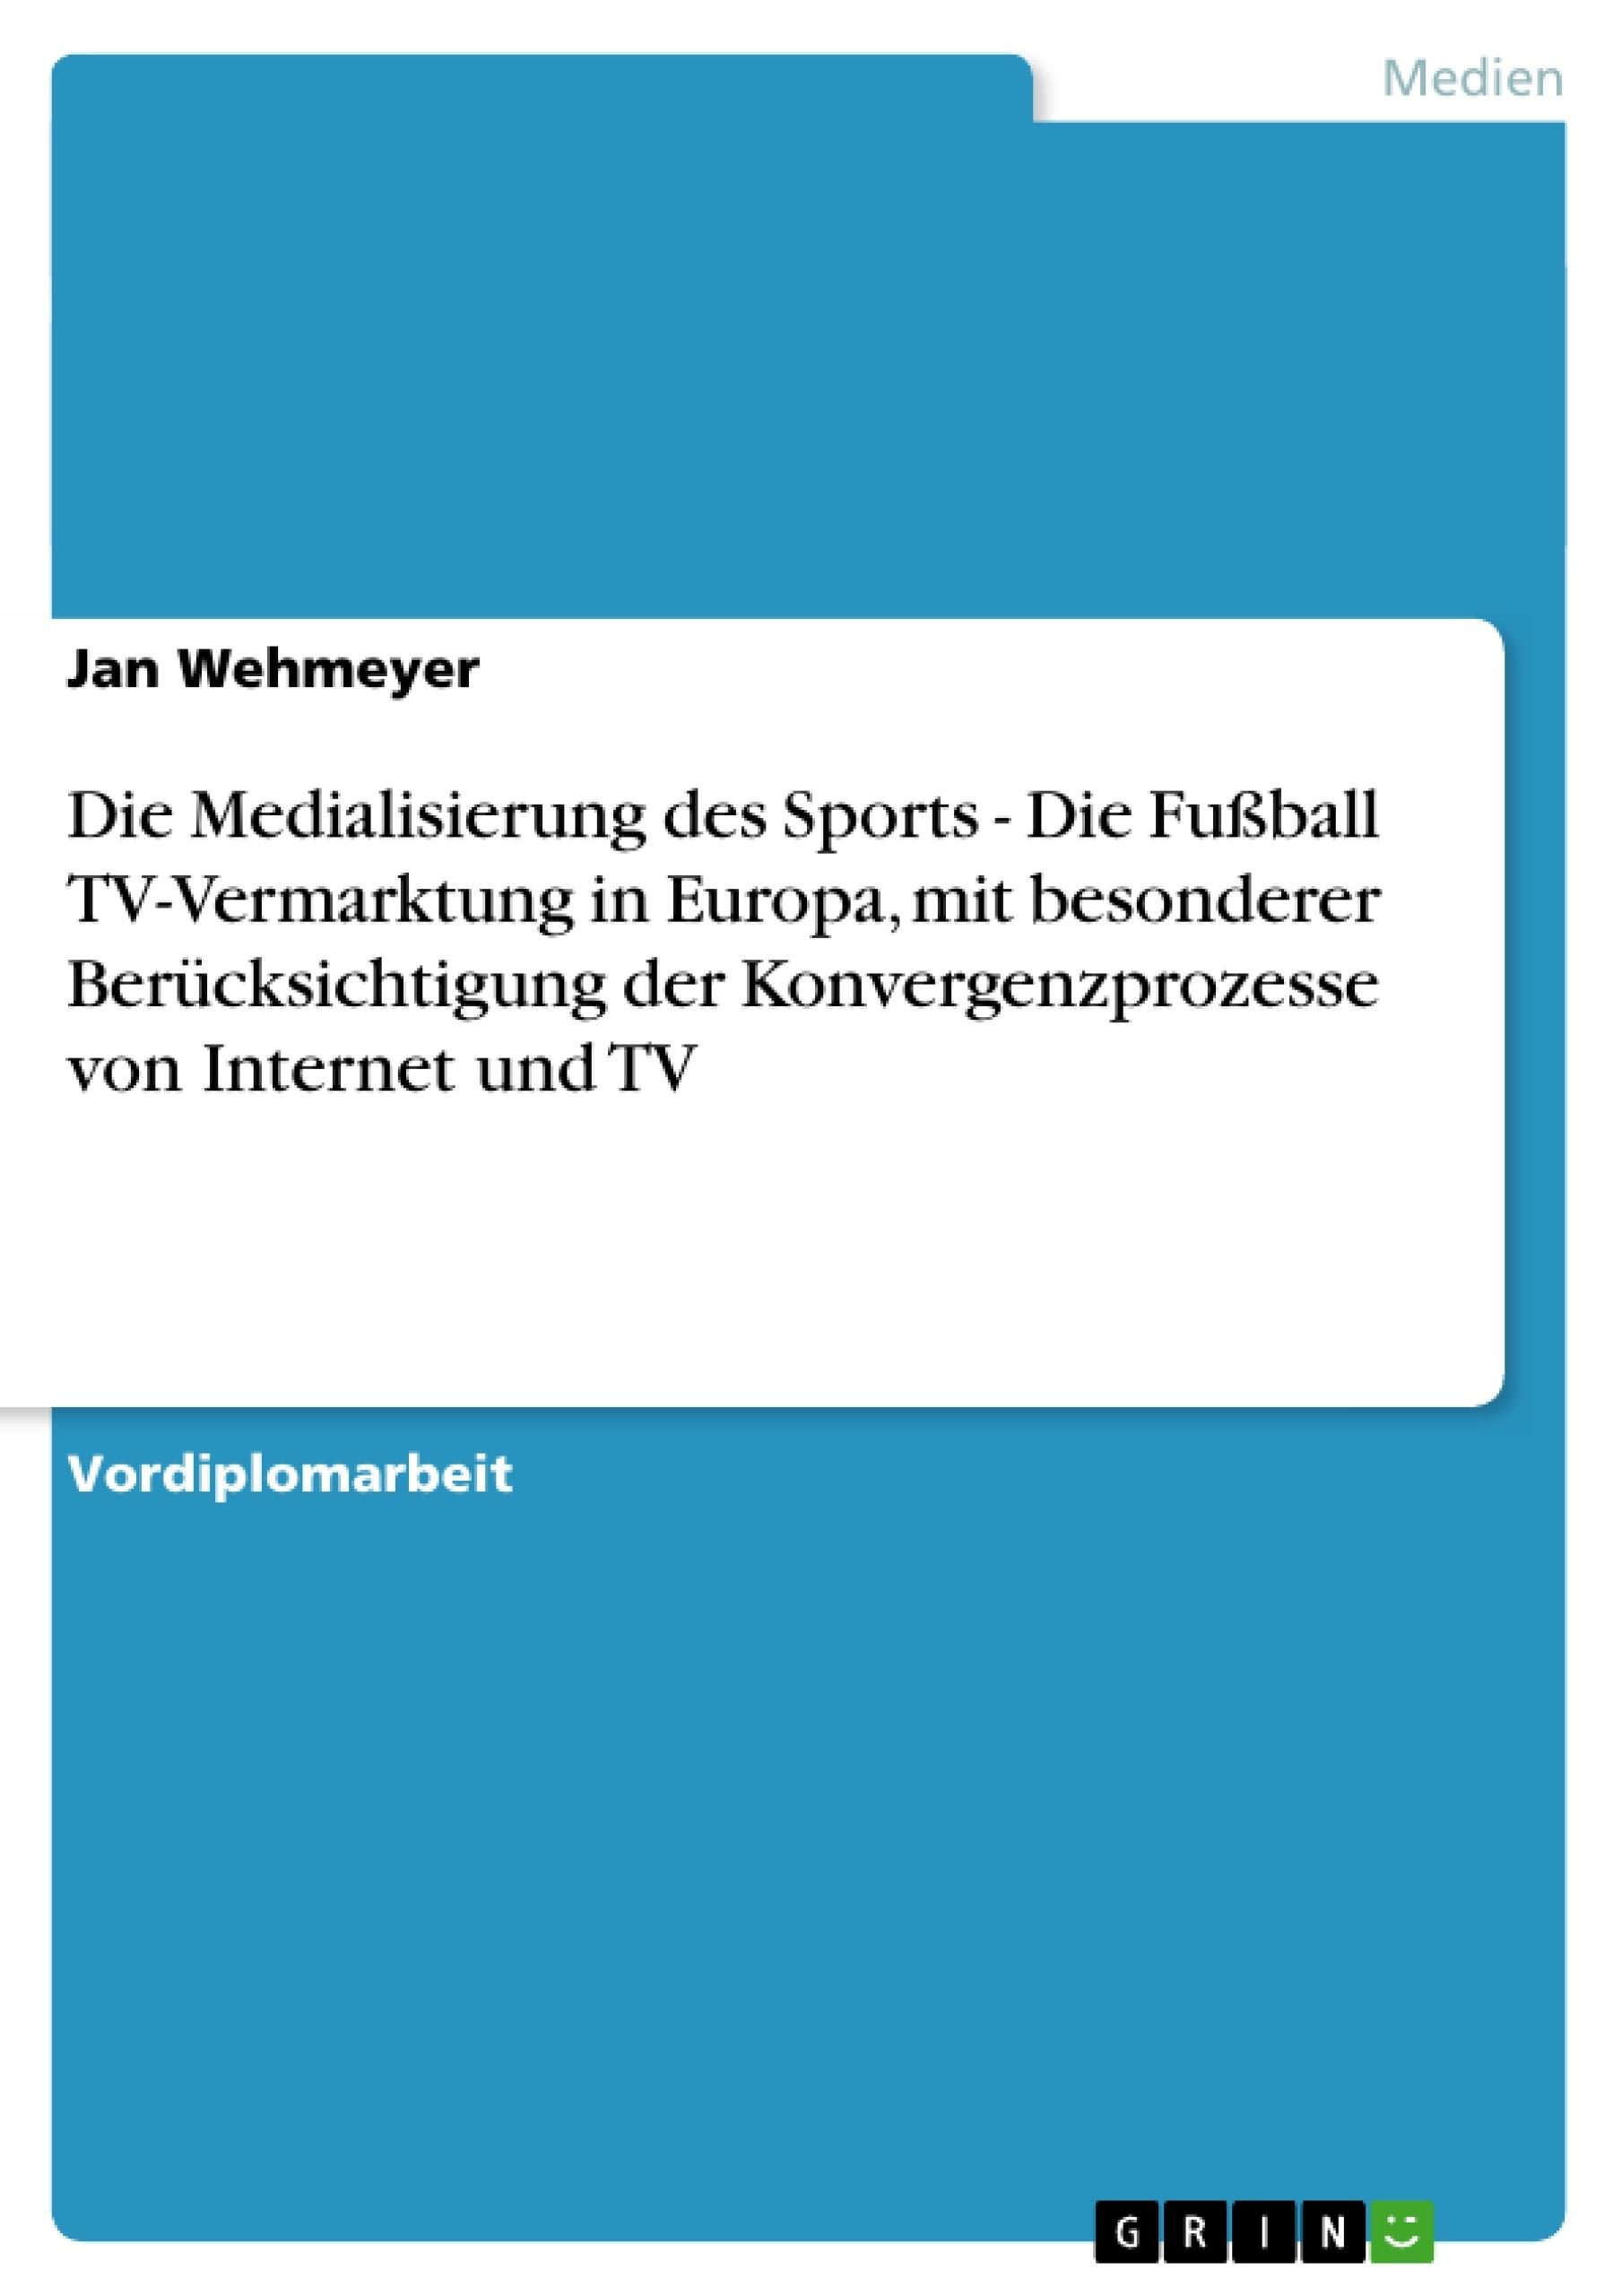 download Fortschritte der politischen Kommunikationsforschung: Festschrift für Lutz